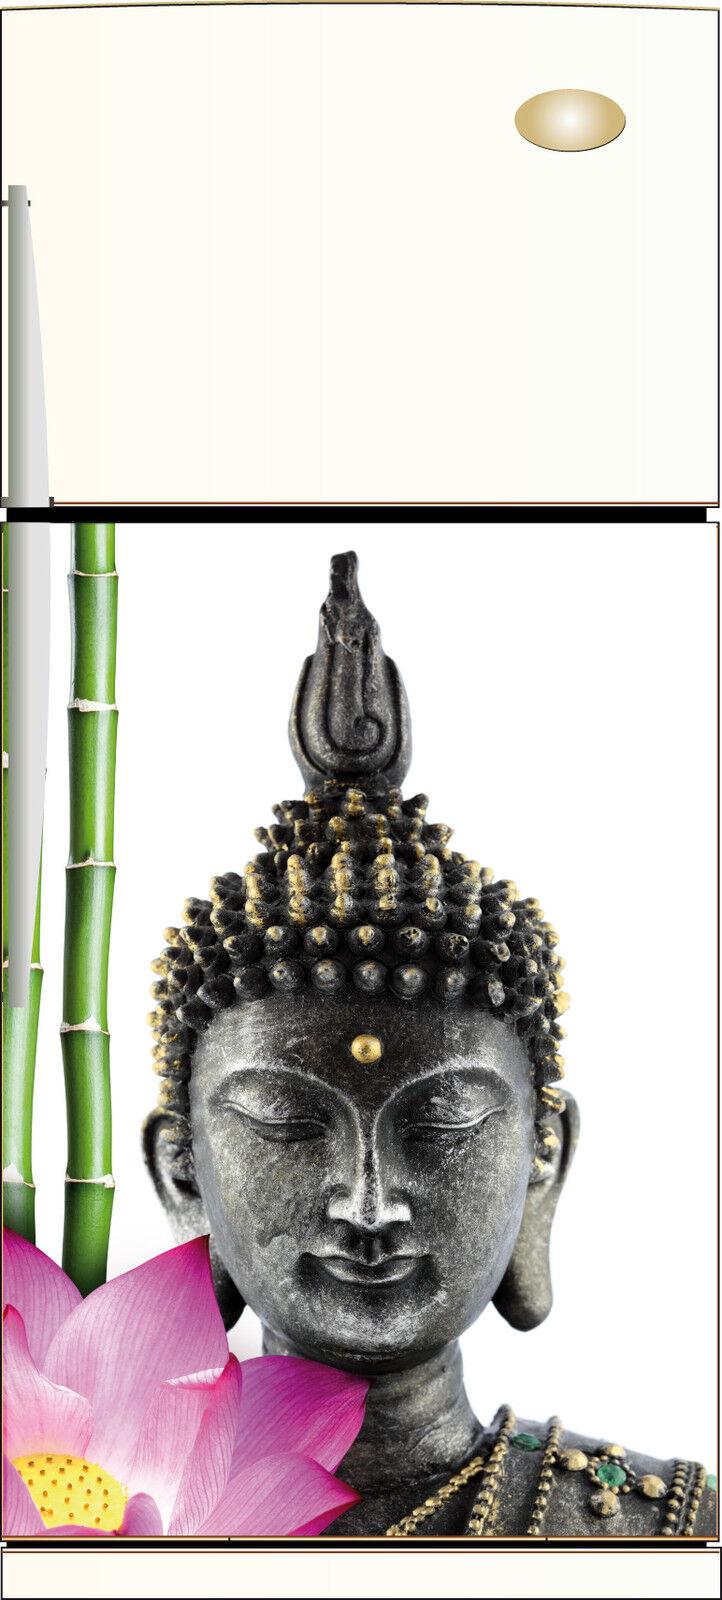 Adesivo Frigo Riposizionabile Decocrazione Cucina Buddha 60x90cm Ref 201